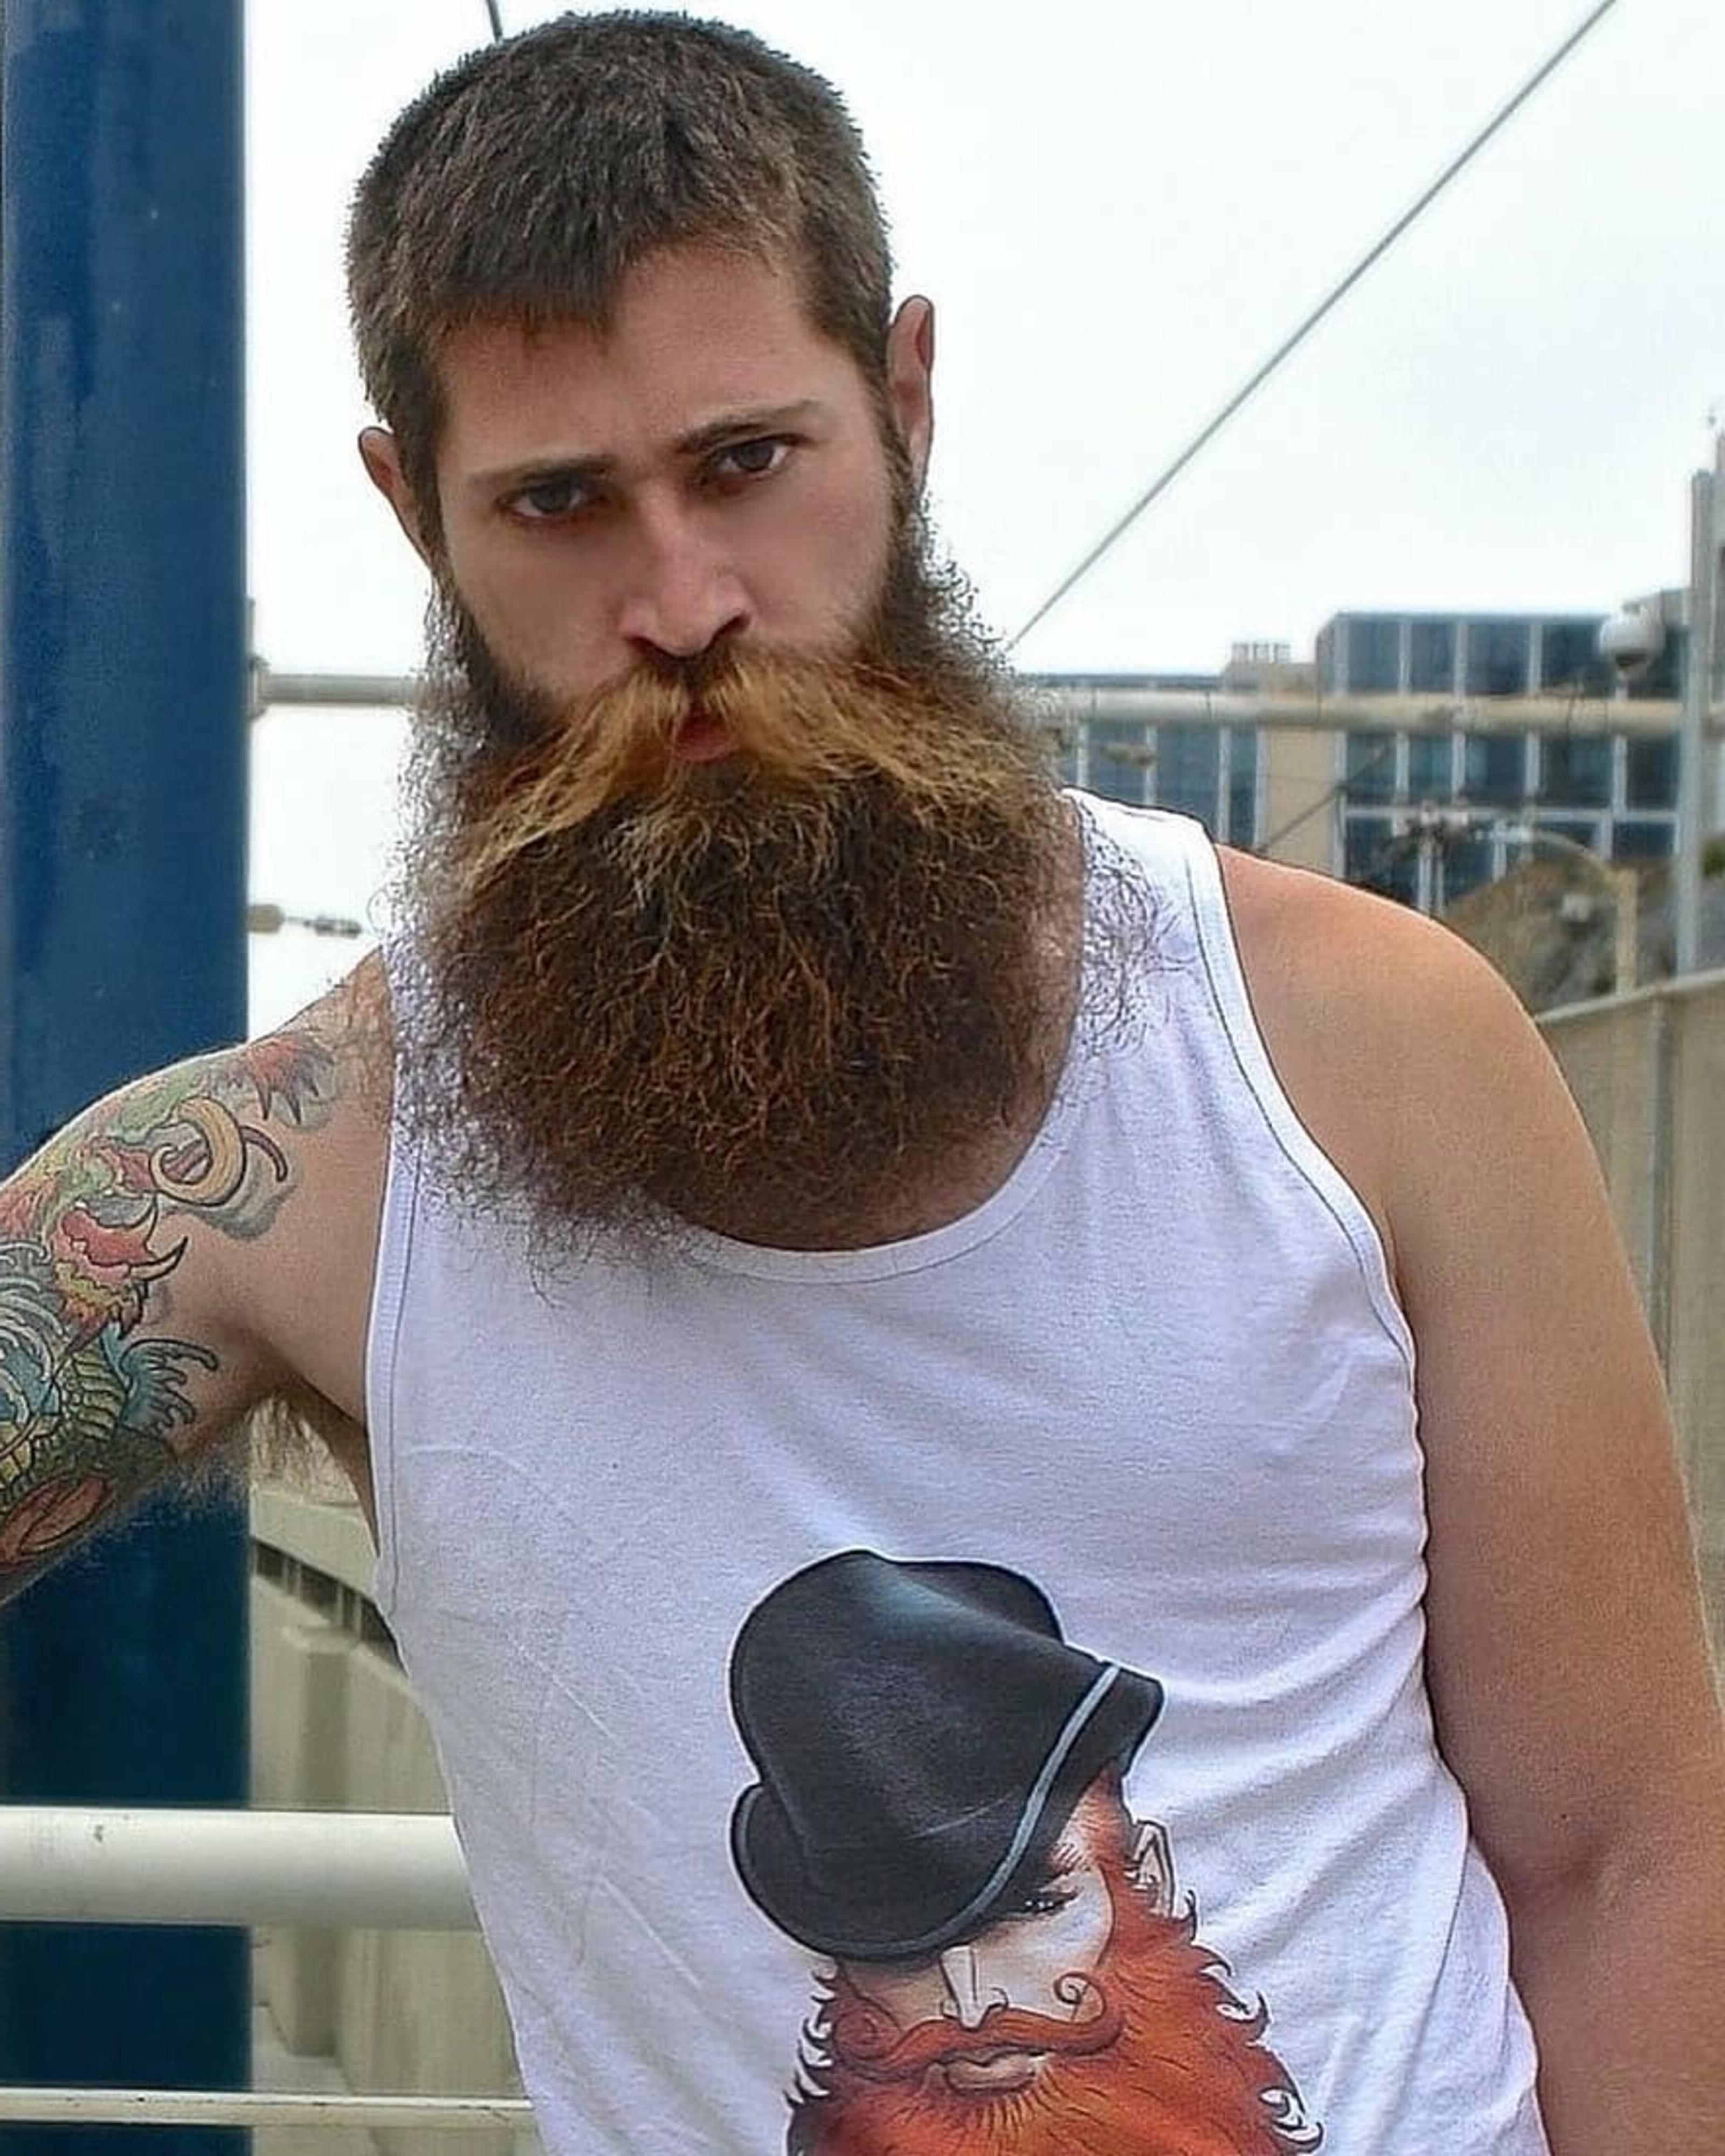 A long scruffy beard style.